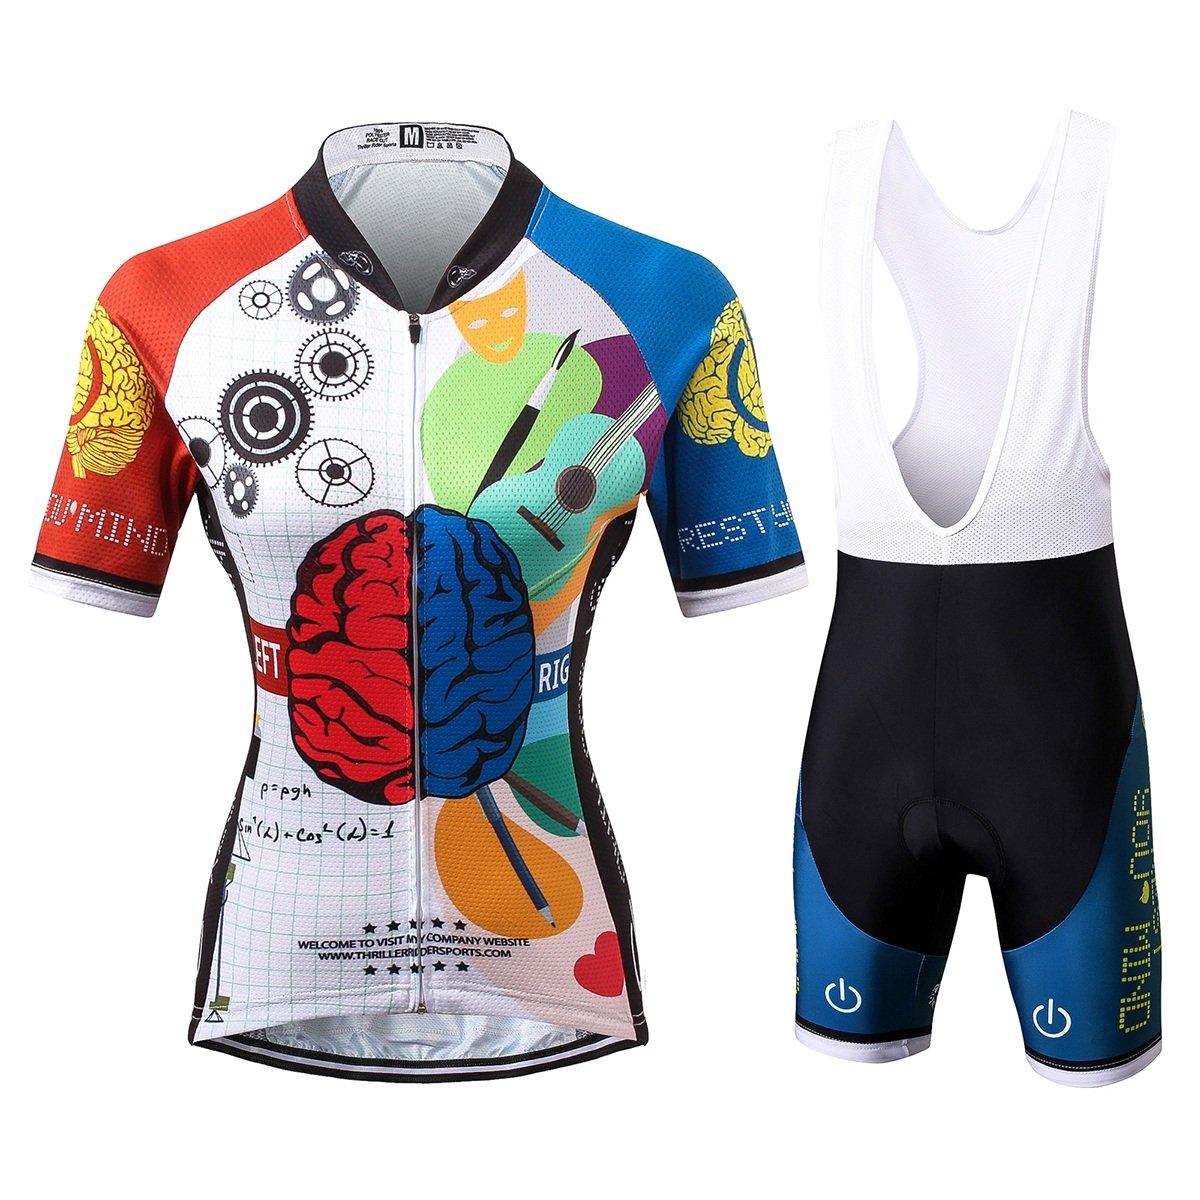 Thriller RiderスポーツWomens Rest Your Mindアウトドアスポーツマウンテンバイク半袖サイクリングジャージー B0755WH96F  ビブスーツ 2X-Large = Chest 43.5''